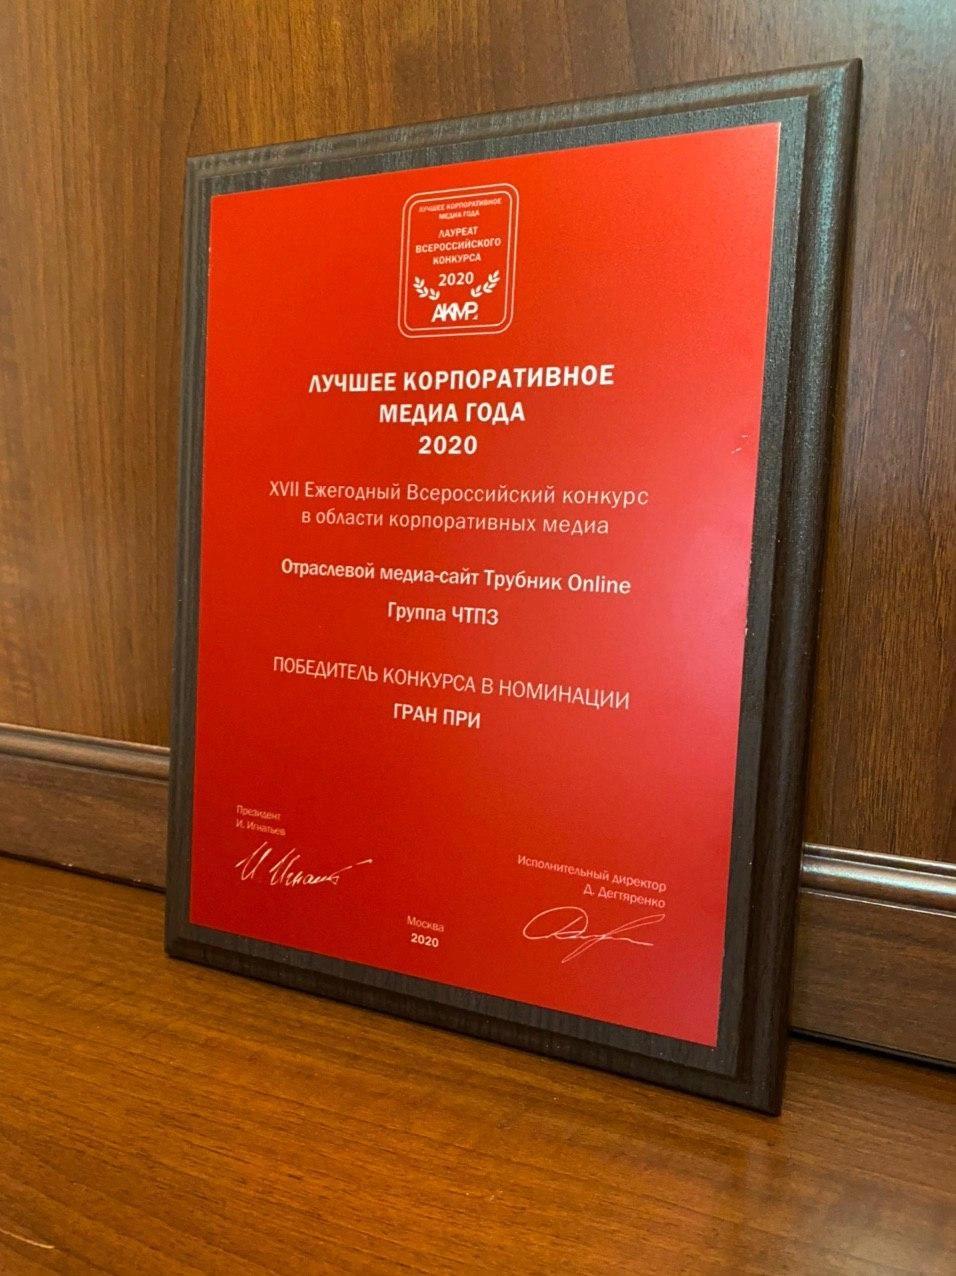 «Трубник Online» получил Гран-при XVII ежегодного Всероссийского конкурса в области корпоративных медиа